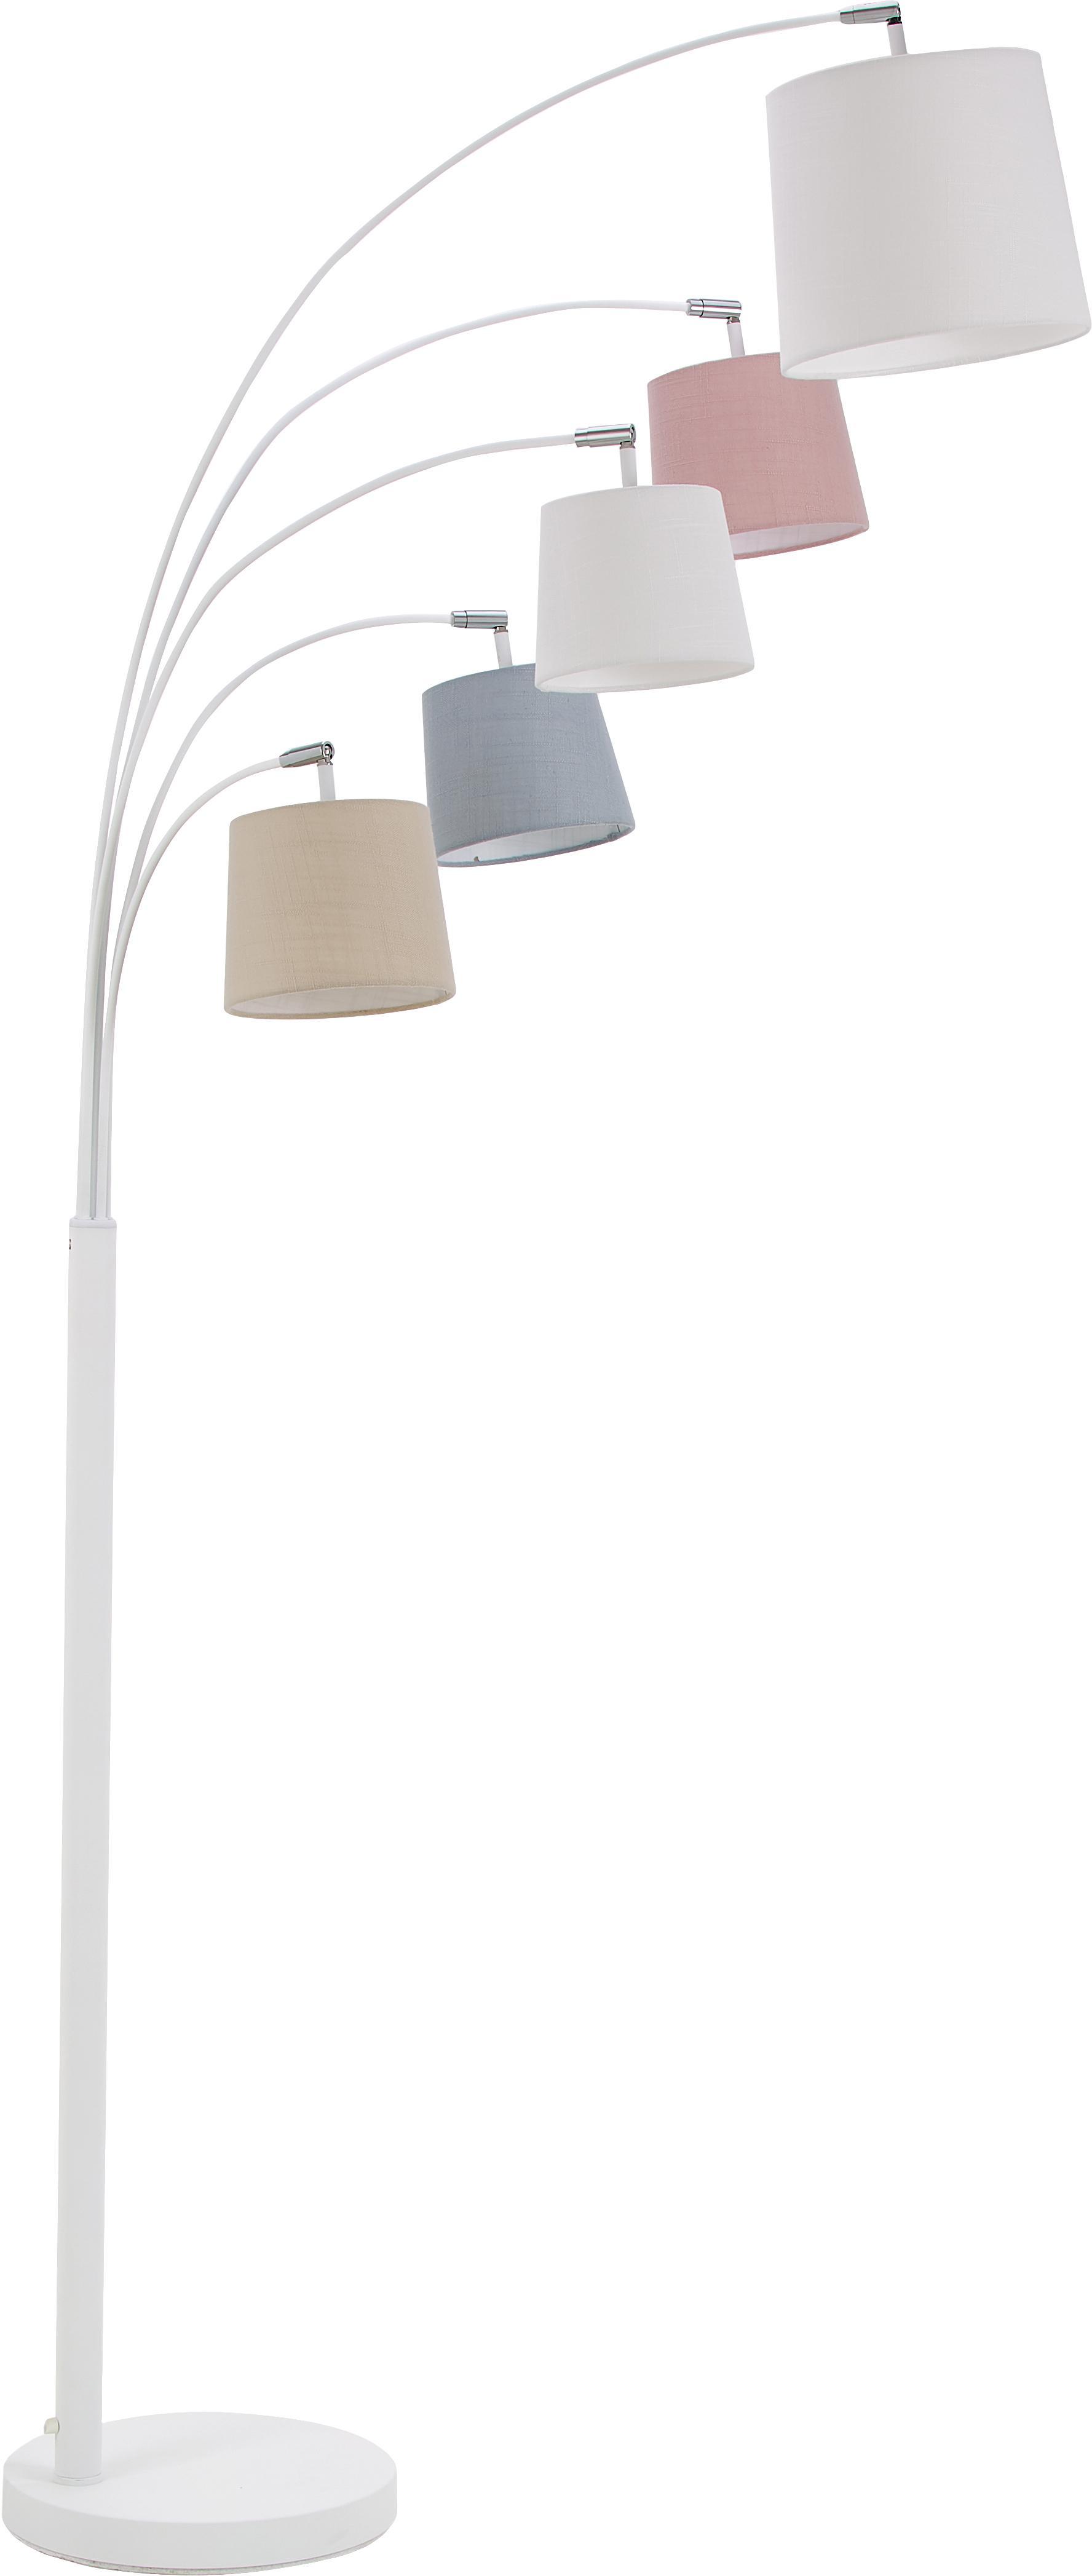 Lampada da terra Foggy, Ottone verniciato, tonalità diverse, Bianco, grigio, rosa, Larg. 80 x Alt. 200 cm